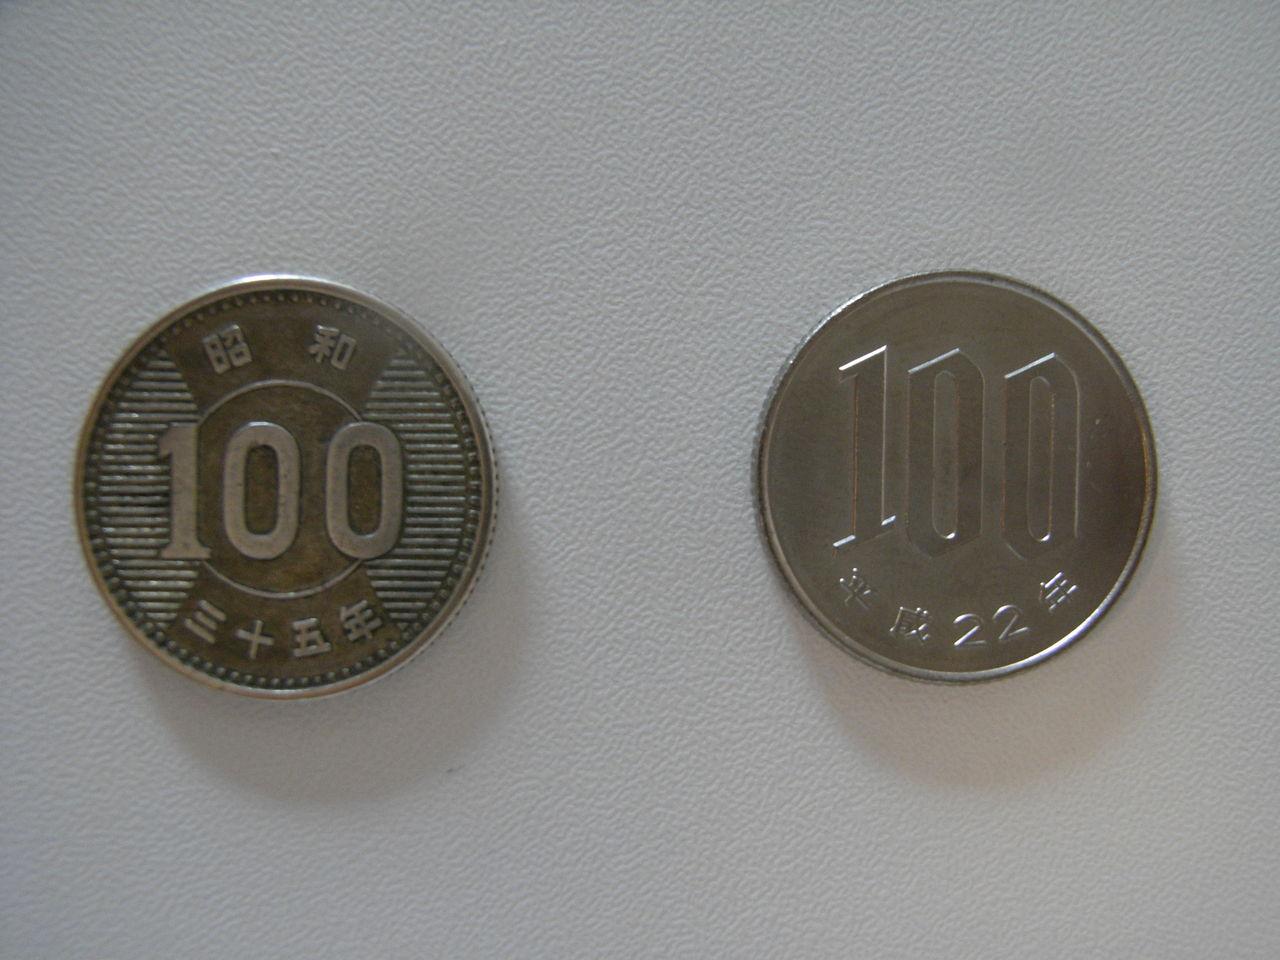 百円硬貨 - 100 yen coin